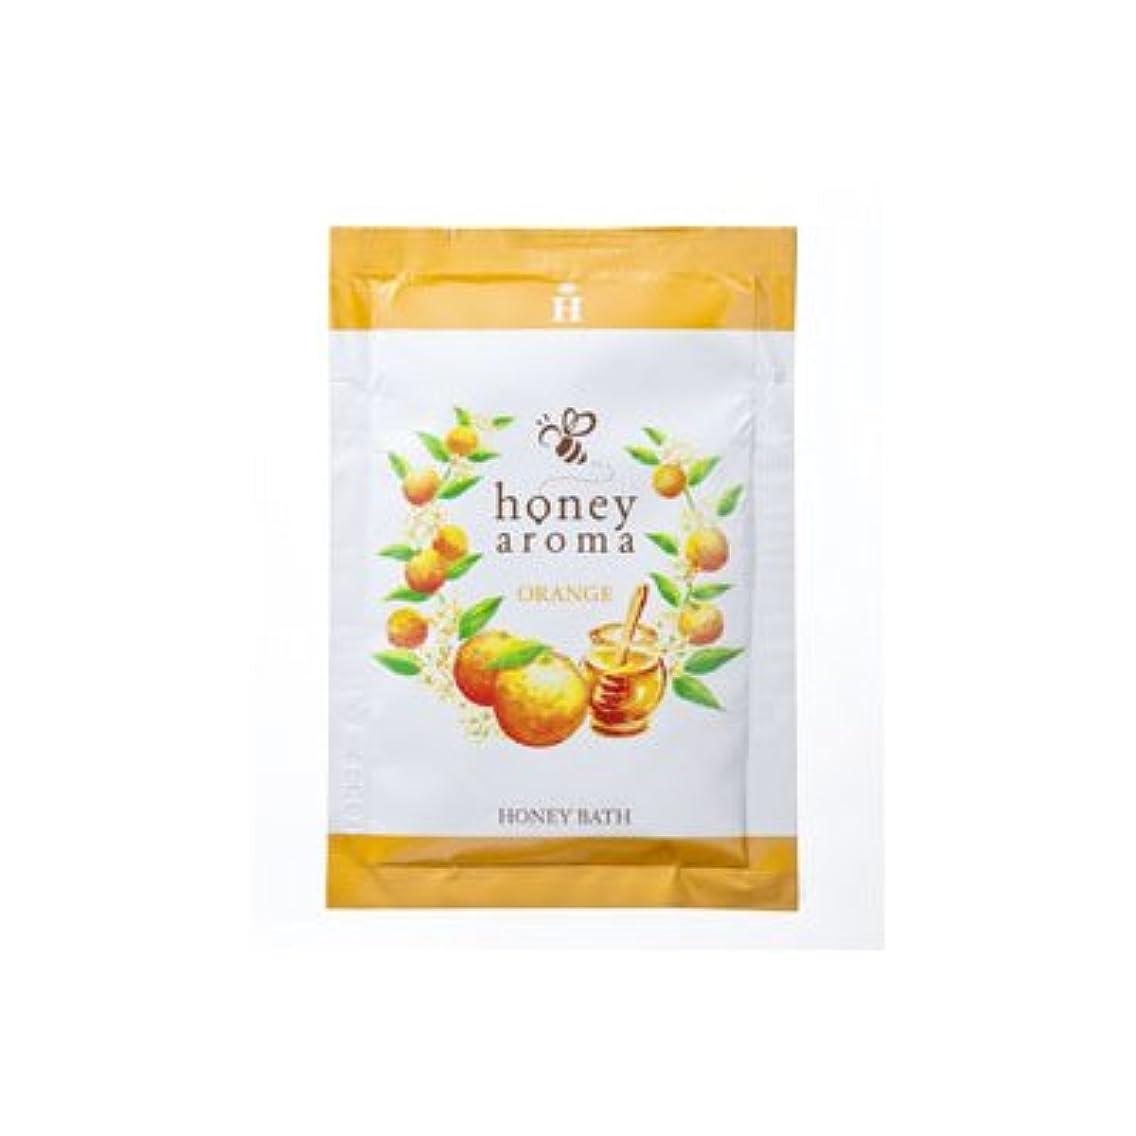 議題アーティファクトしたいハニーアロマ ハニーバス(入浴剤) 5包(オレンジの香り)